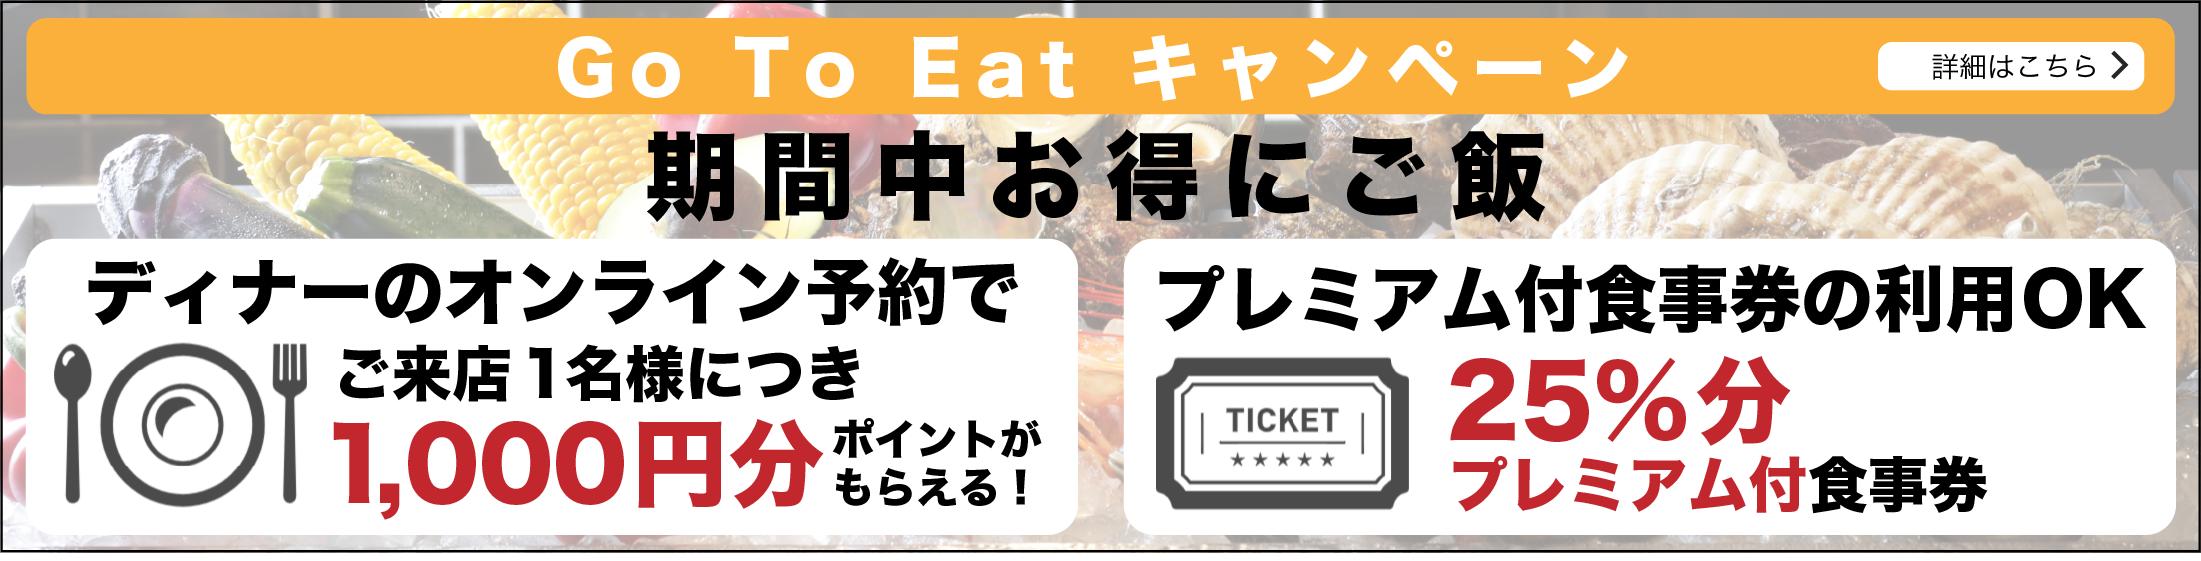 Go To Eat キャンペーンについて